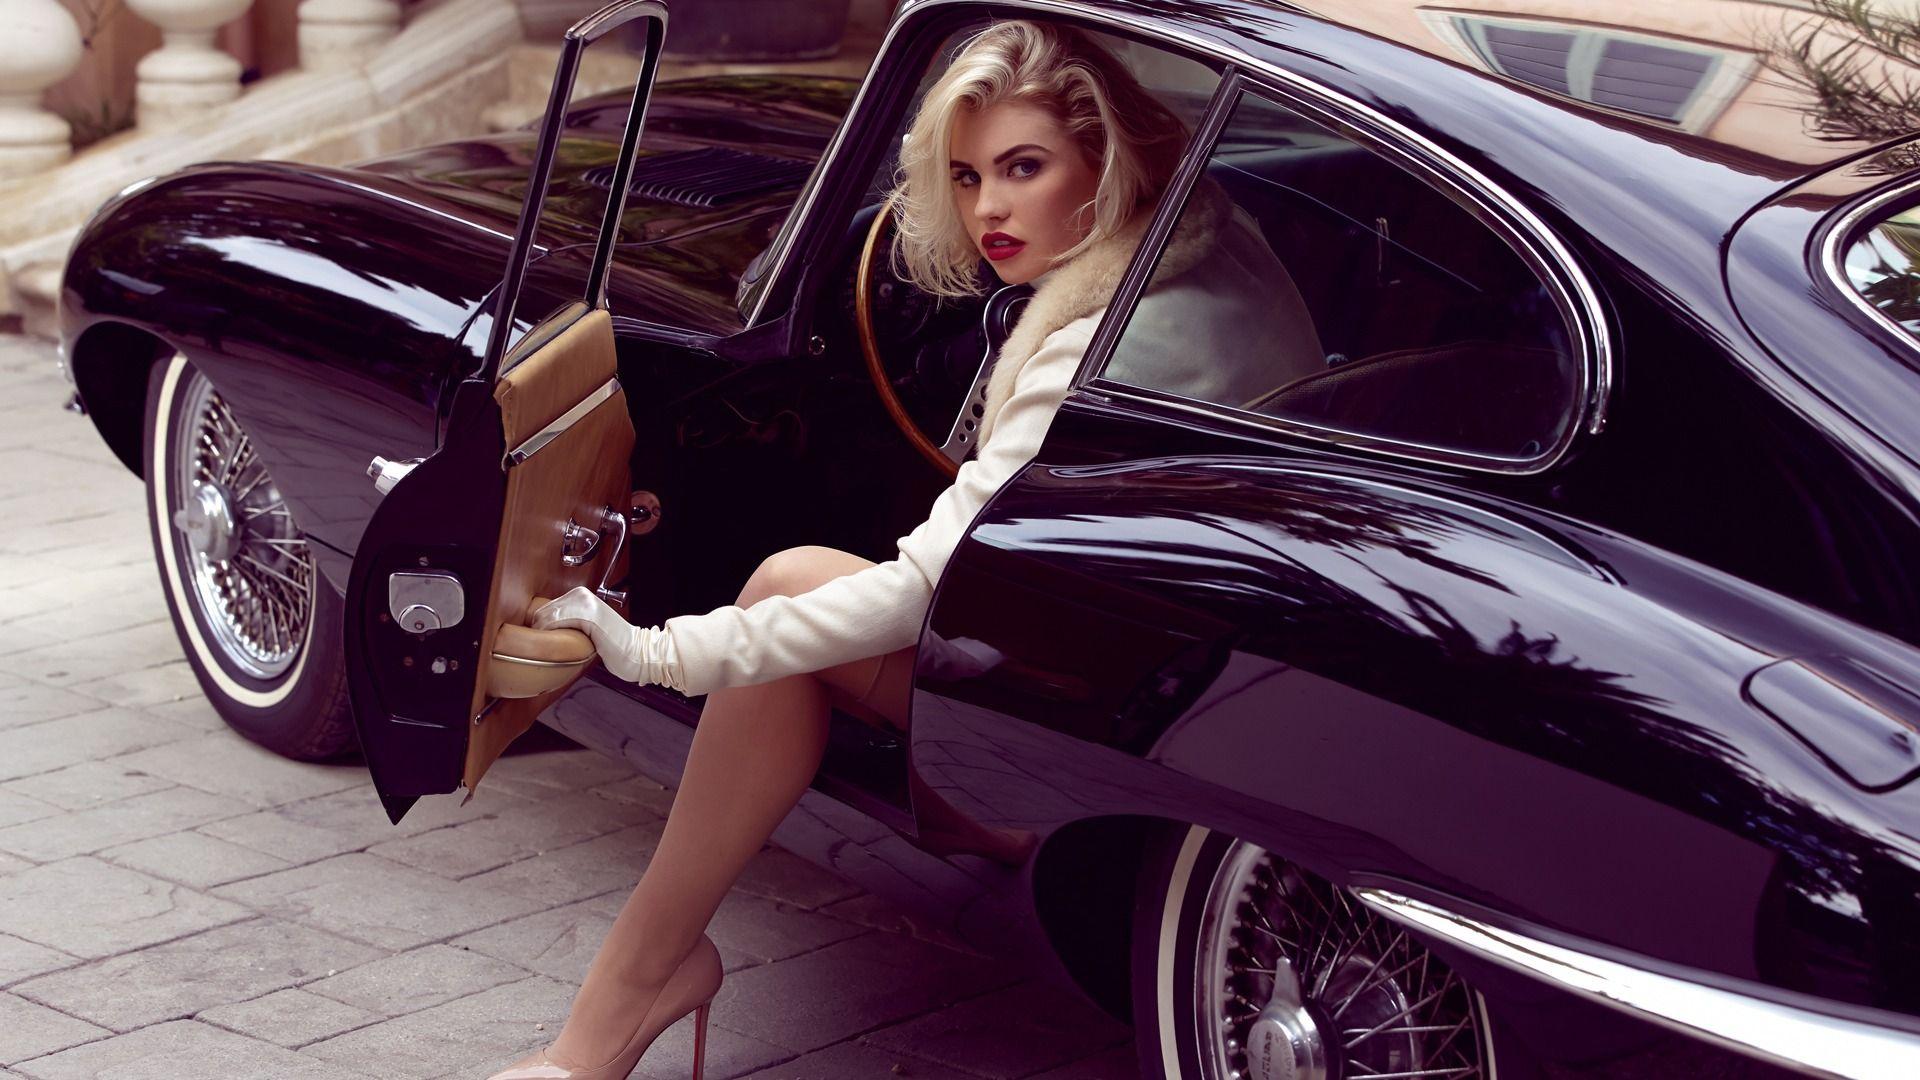 Крутые картинки на рабочий стол девушки с авто   подборка (3)